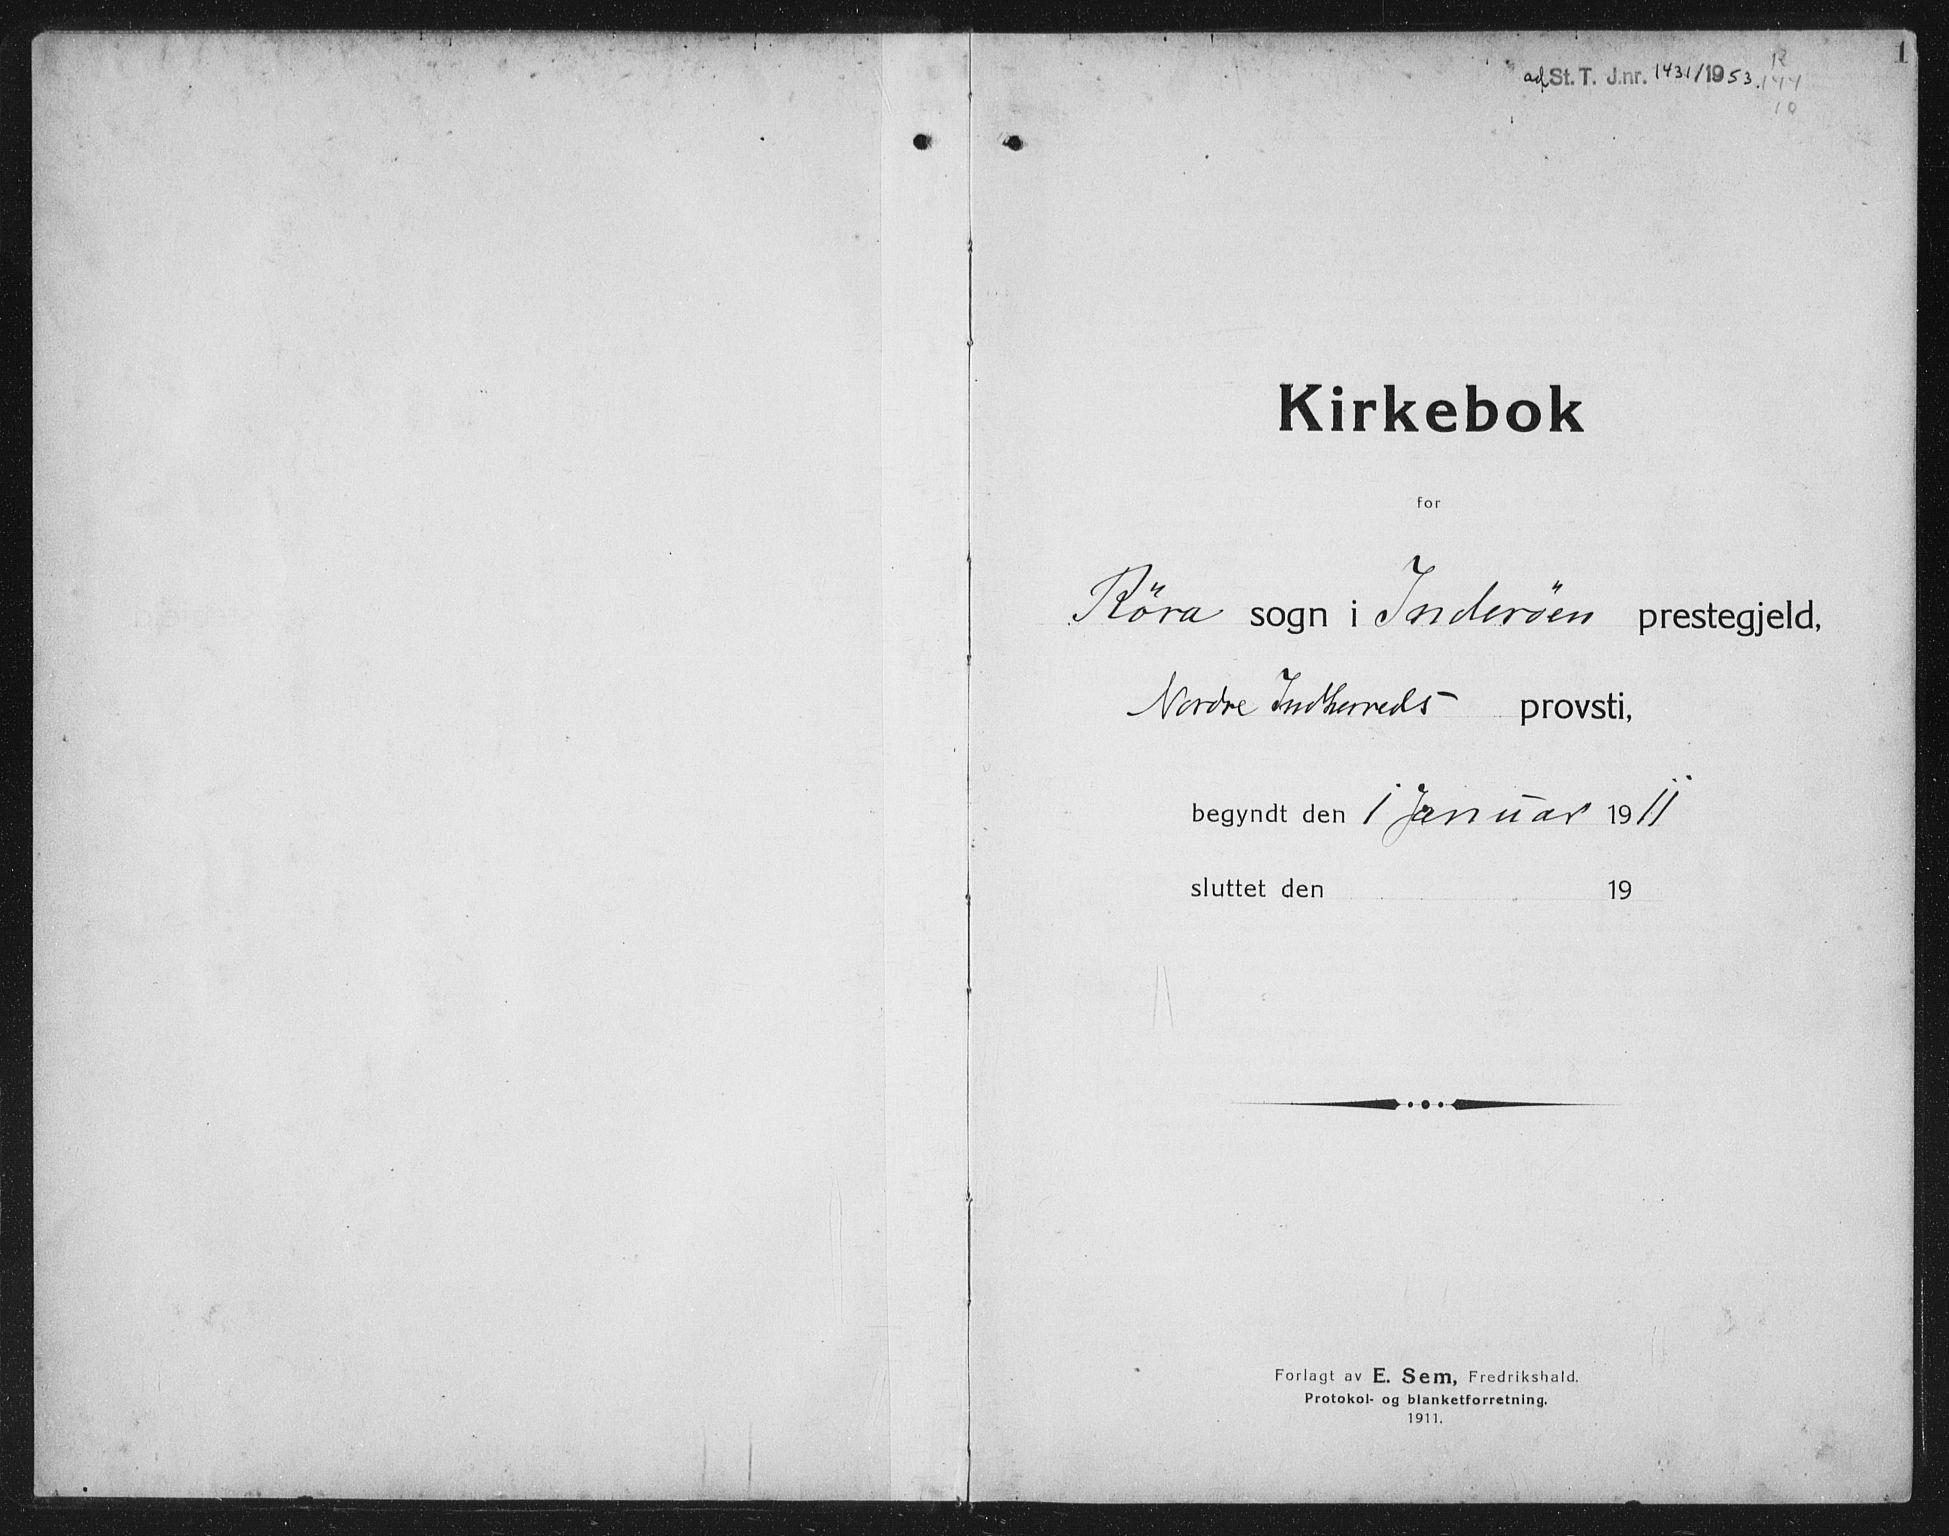 SAT, Ministerialprotokoller, klokkerbøker og fødselsregistre - Nord-Trøndelag, 731/L0312: Klokkerbok nr. 731C03, 1911-1935, s. 1